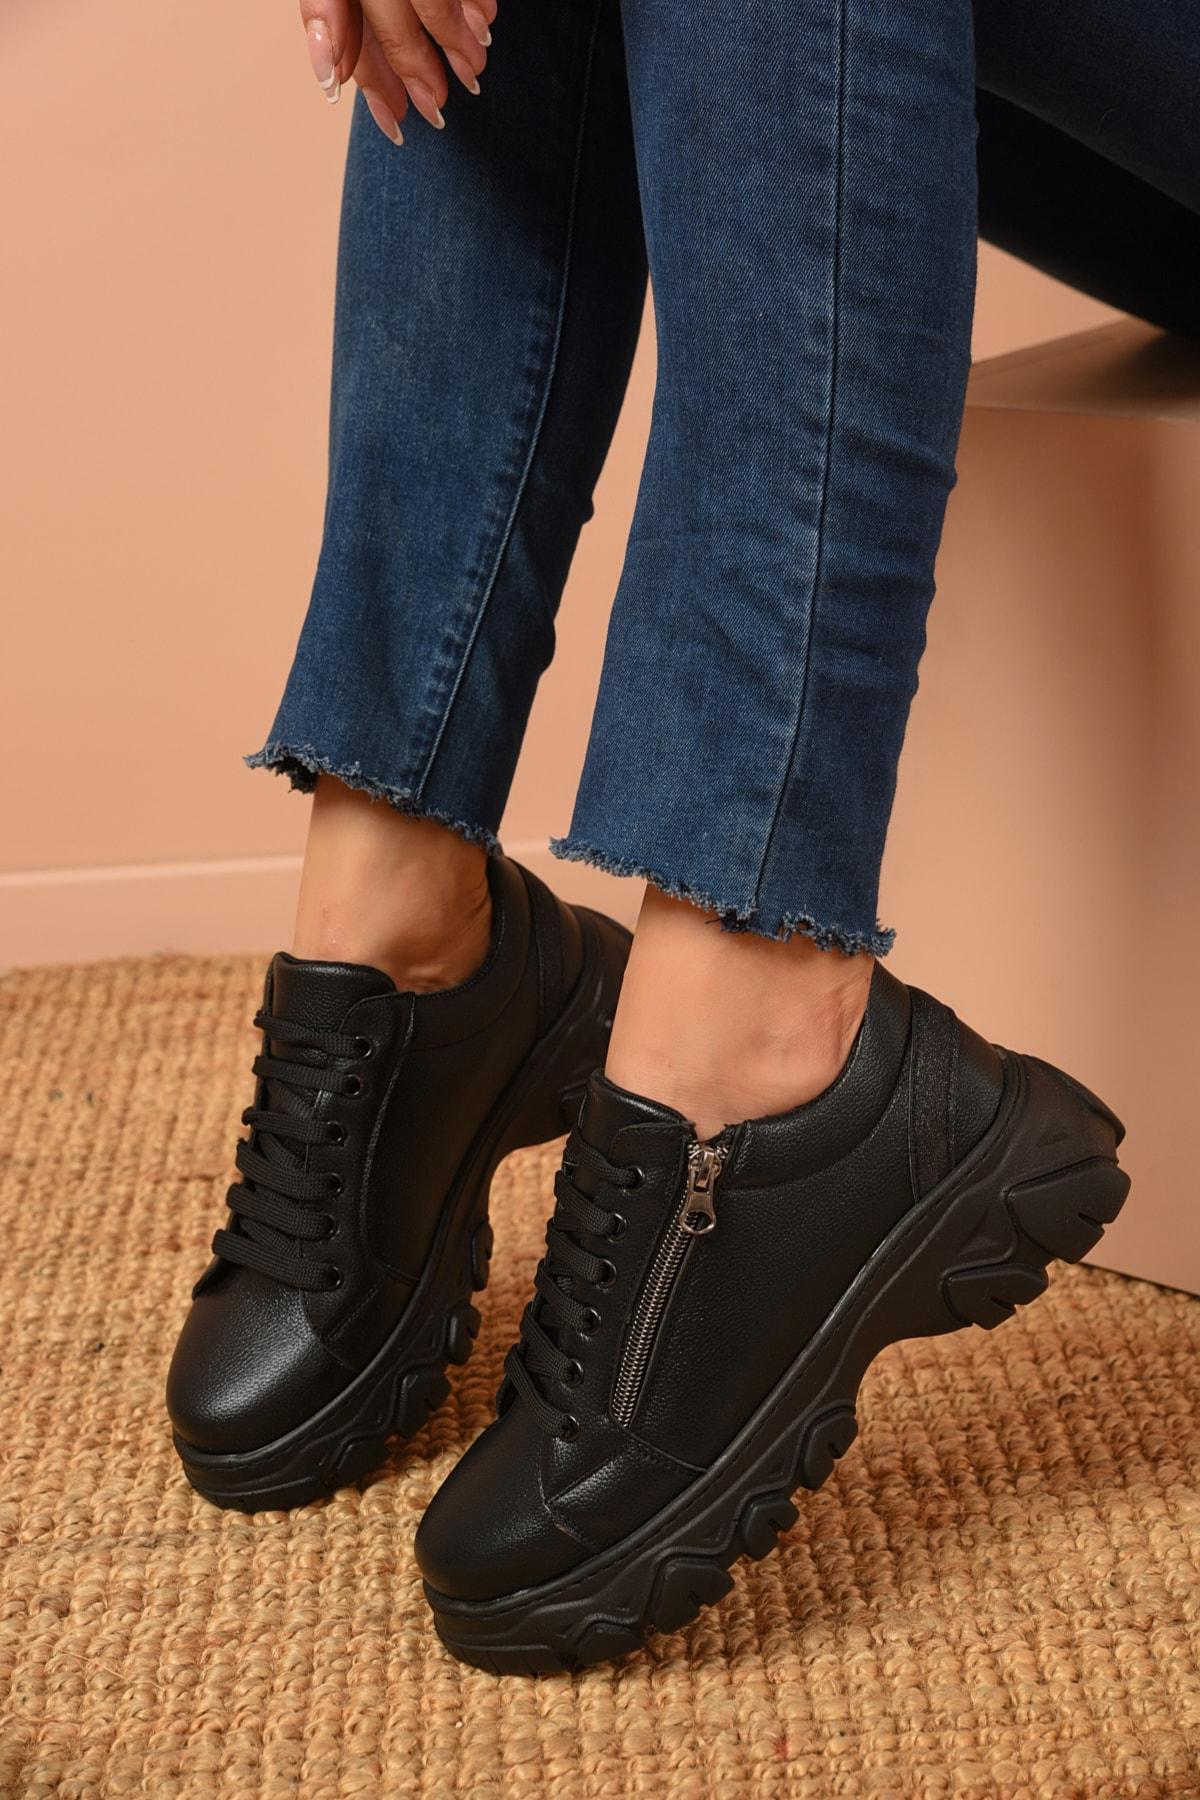 Shoes Time Kadın Siyah Günlük Ayakkabı 20k 177 2